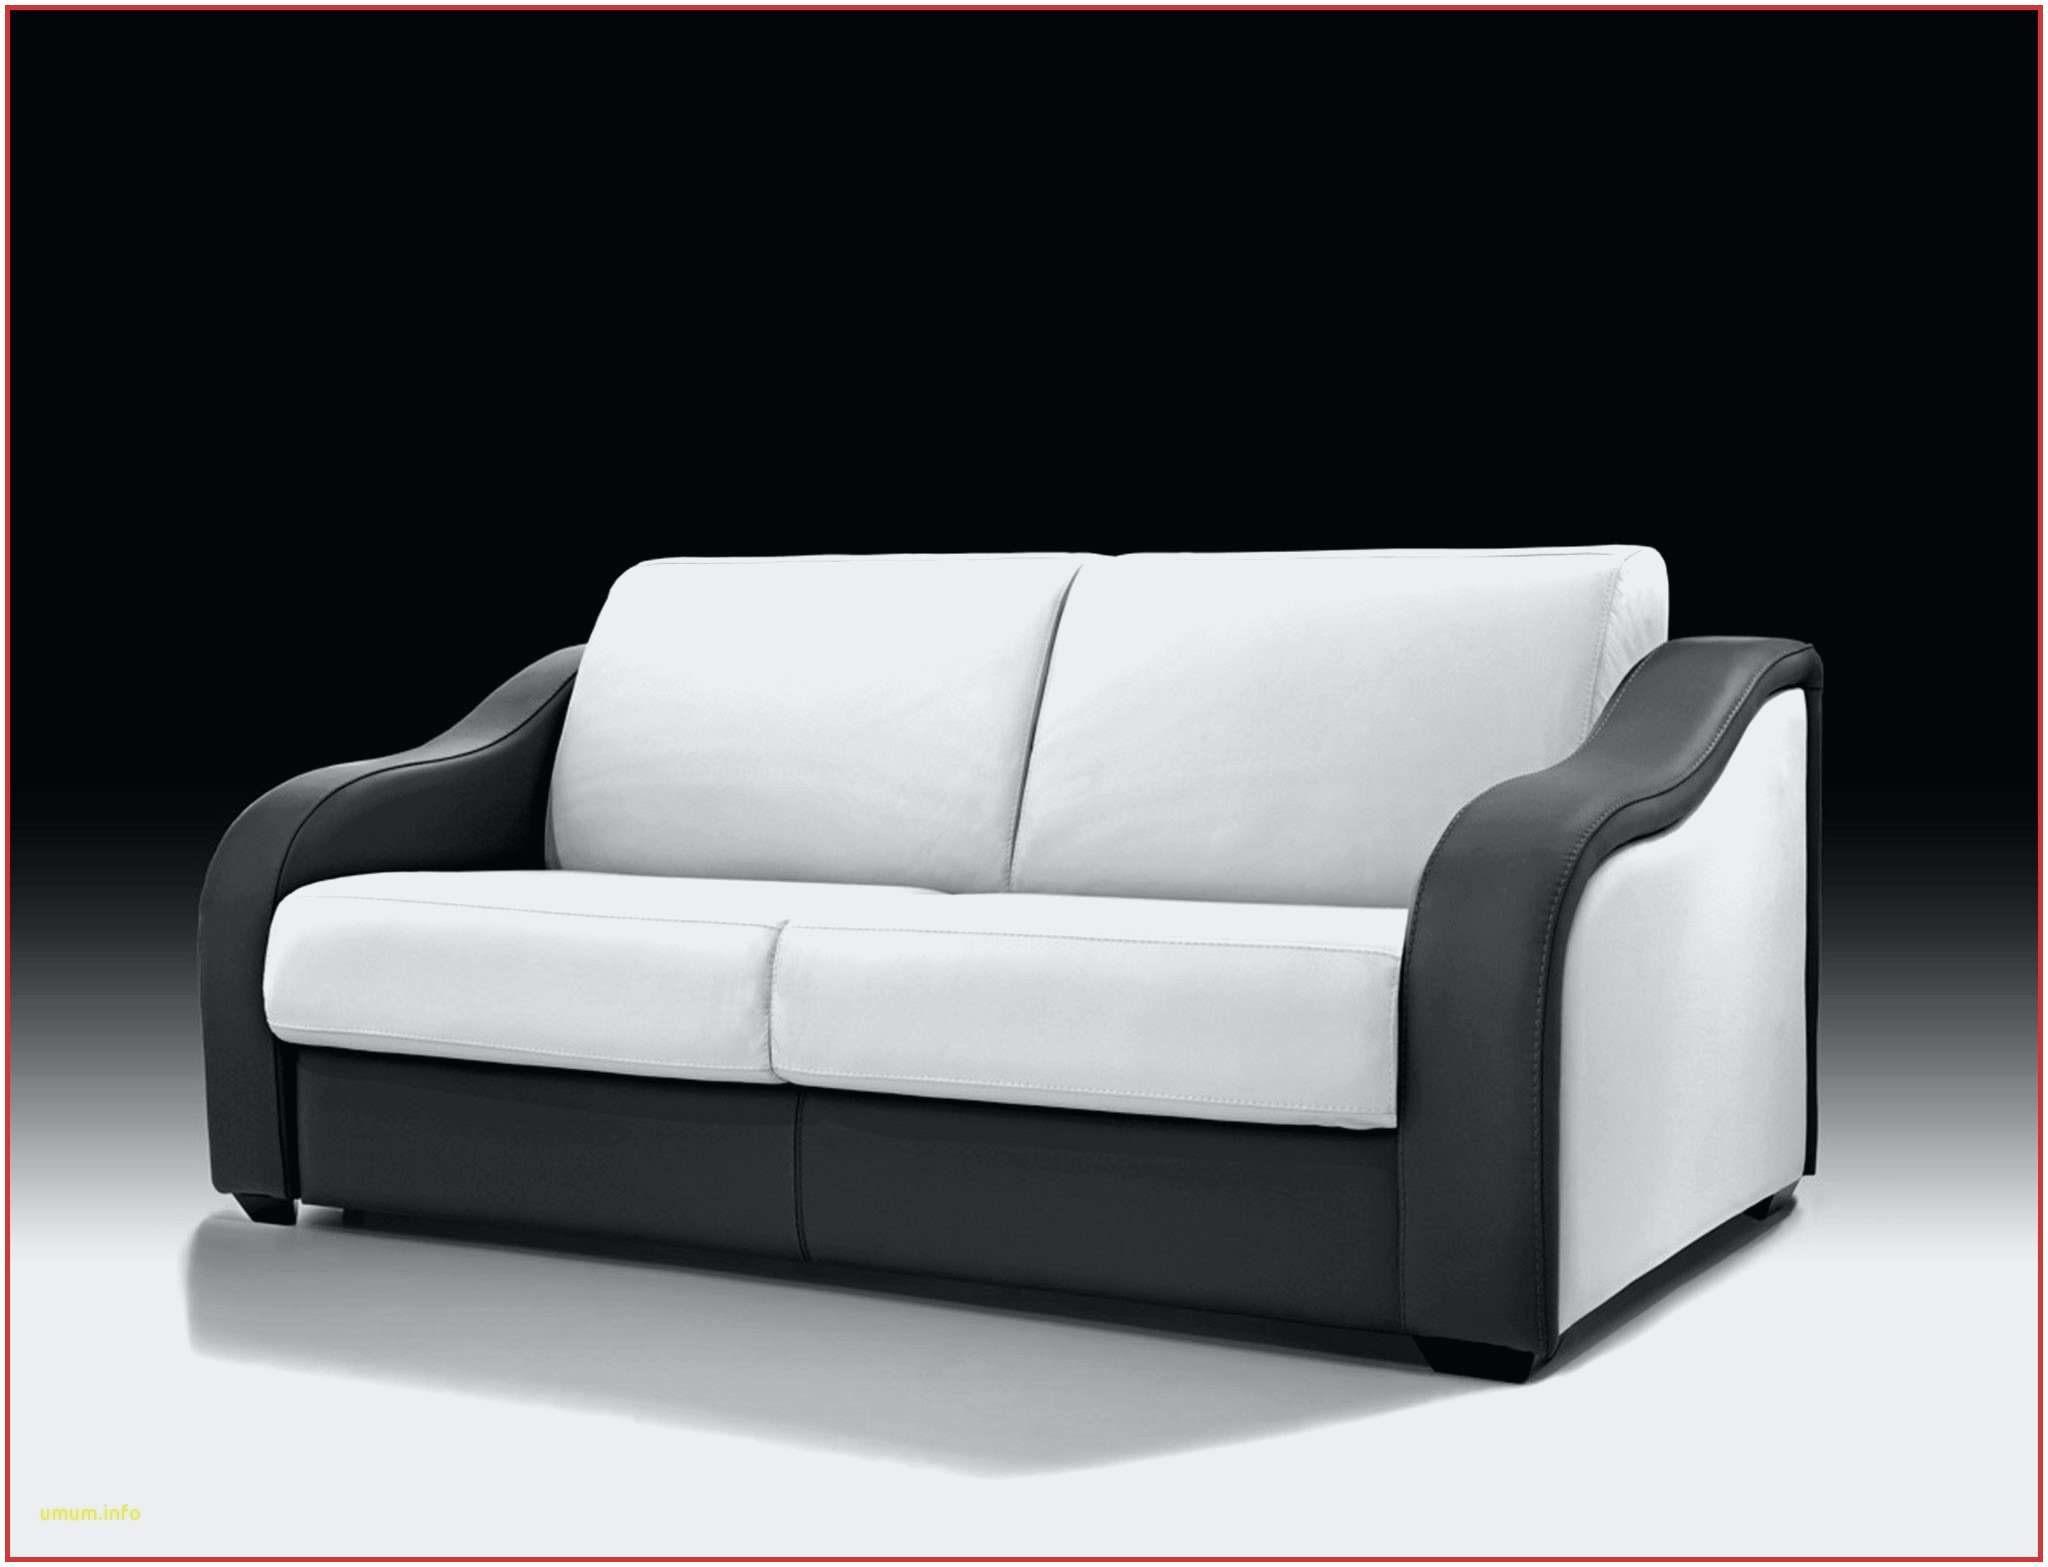 Ikea Canapé Lit Magnifique Impressionnant Canapé Ikea Convertible Angle élégant Stock Bezed